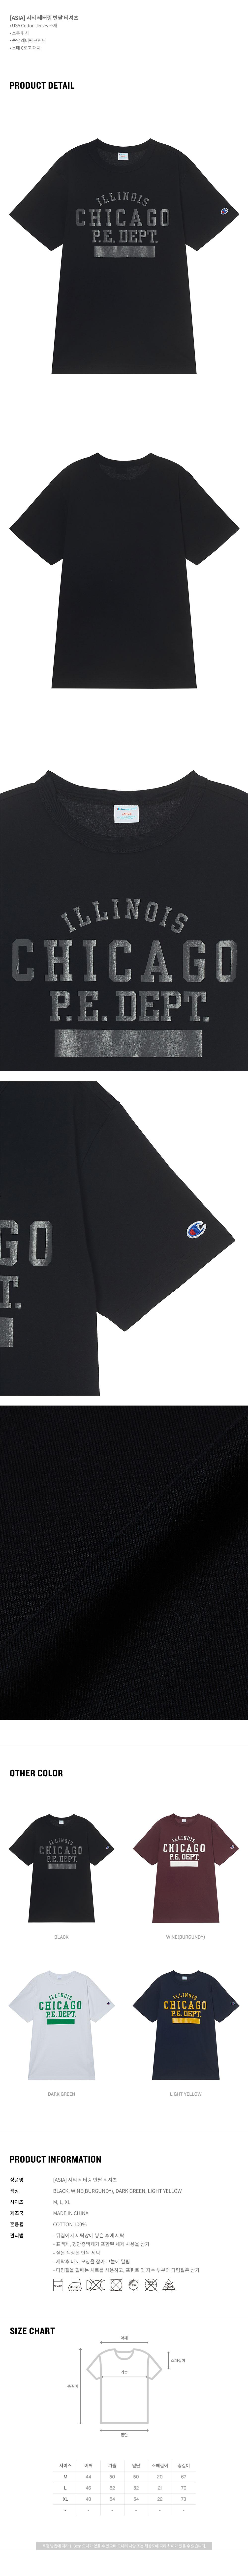 챔피온 재팬(CHAMPION JAPAN) [ASIA] 쇼트슬리브 티셔츠 (BLACK) CKTS1E333BK